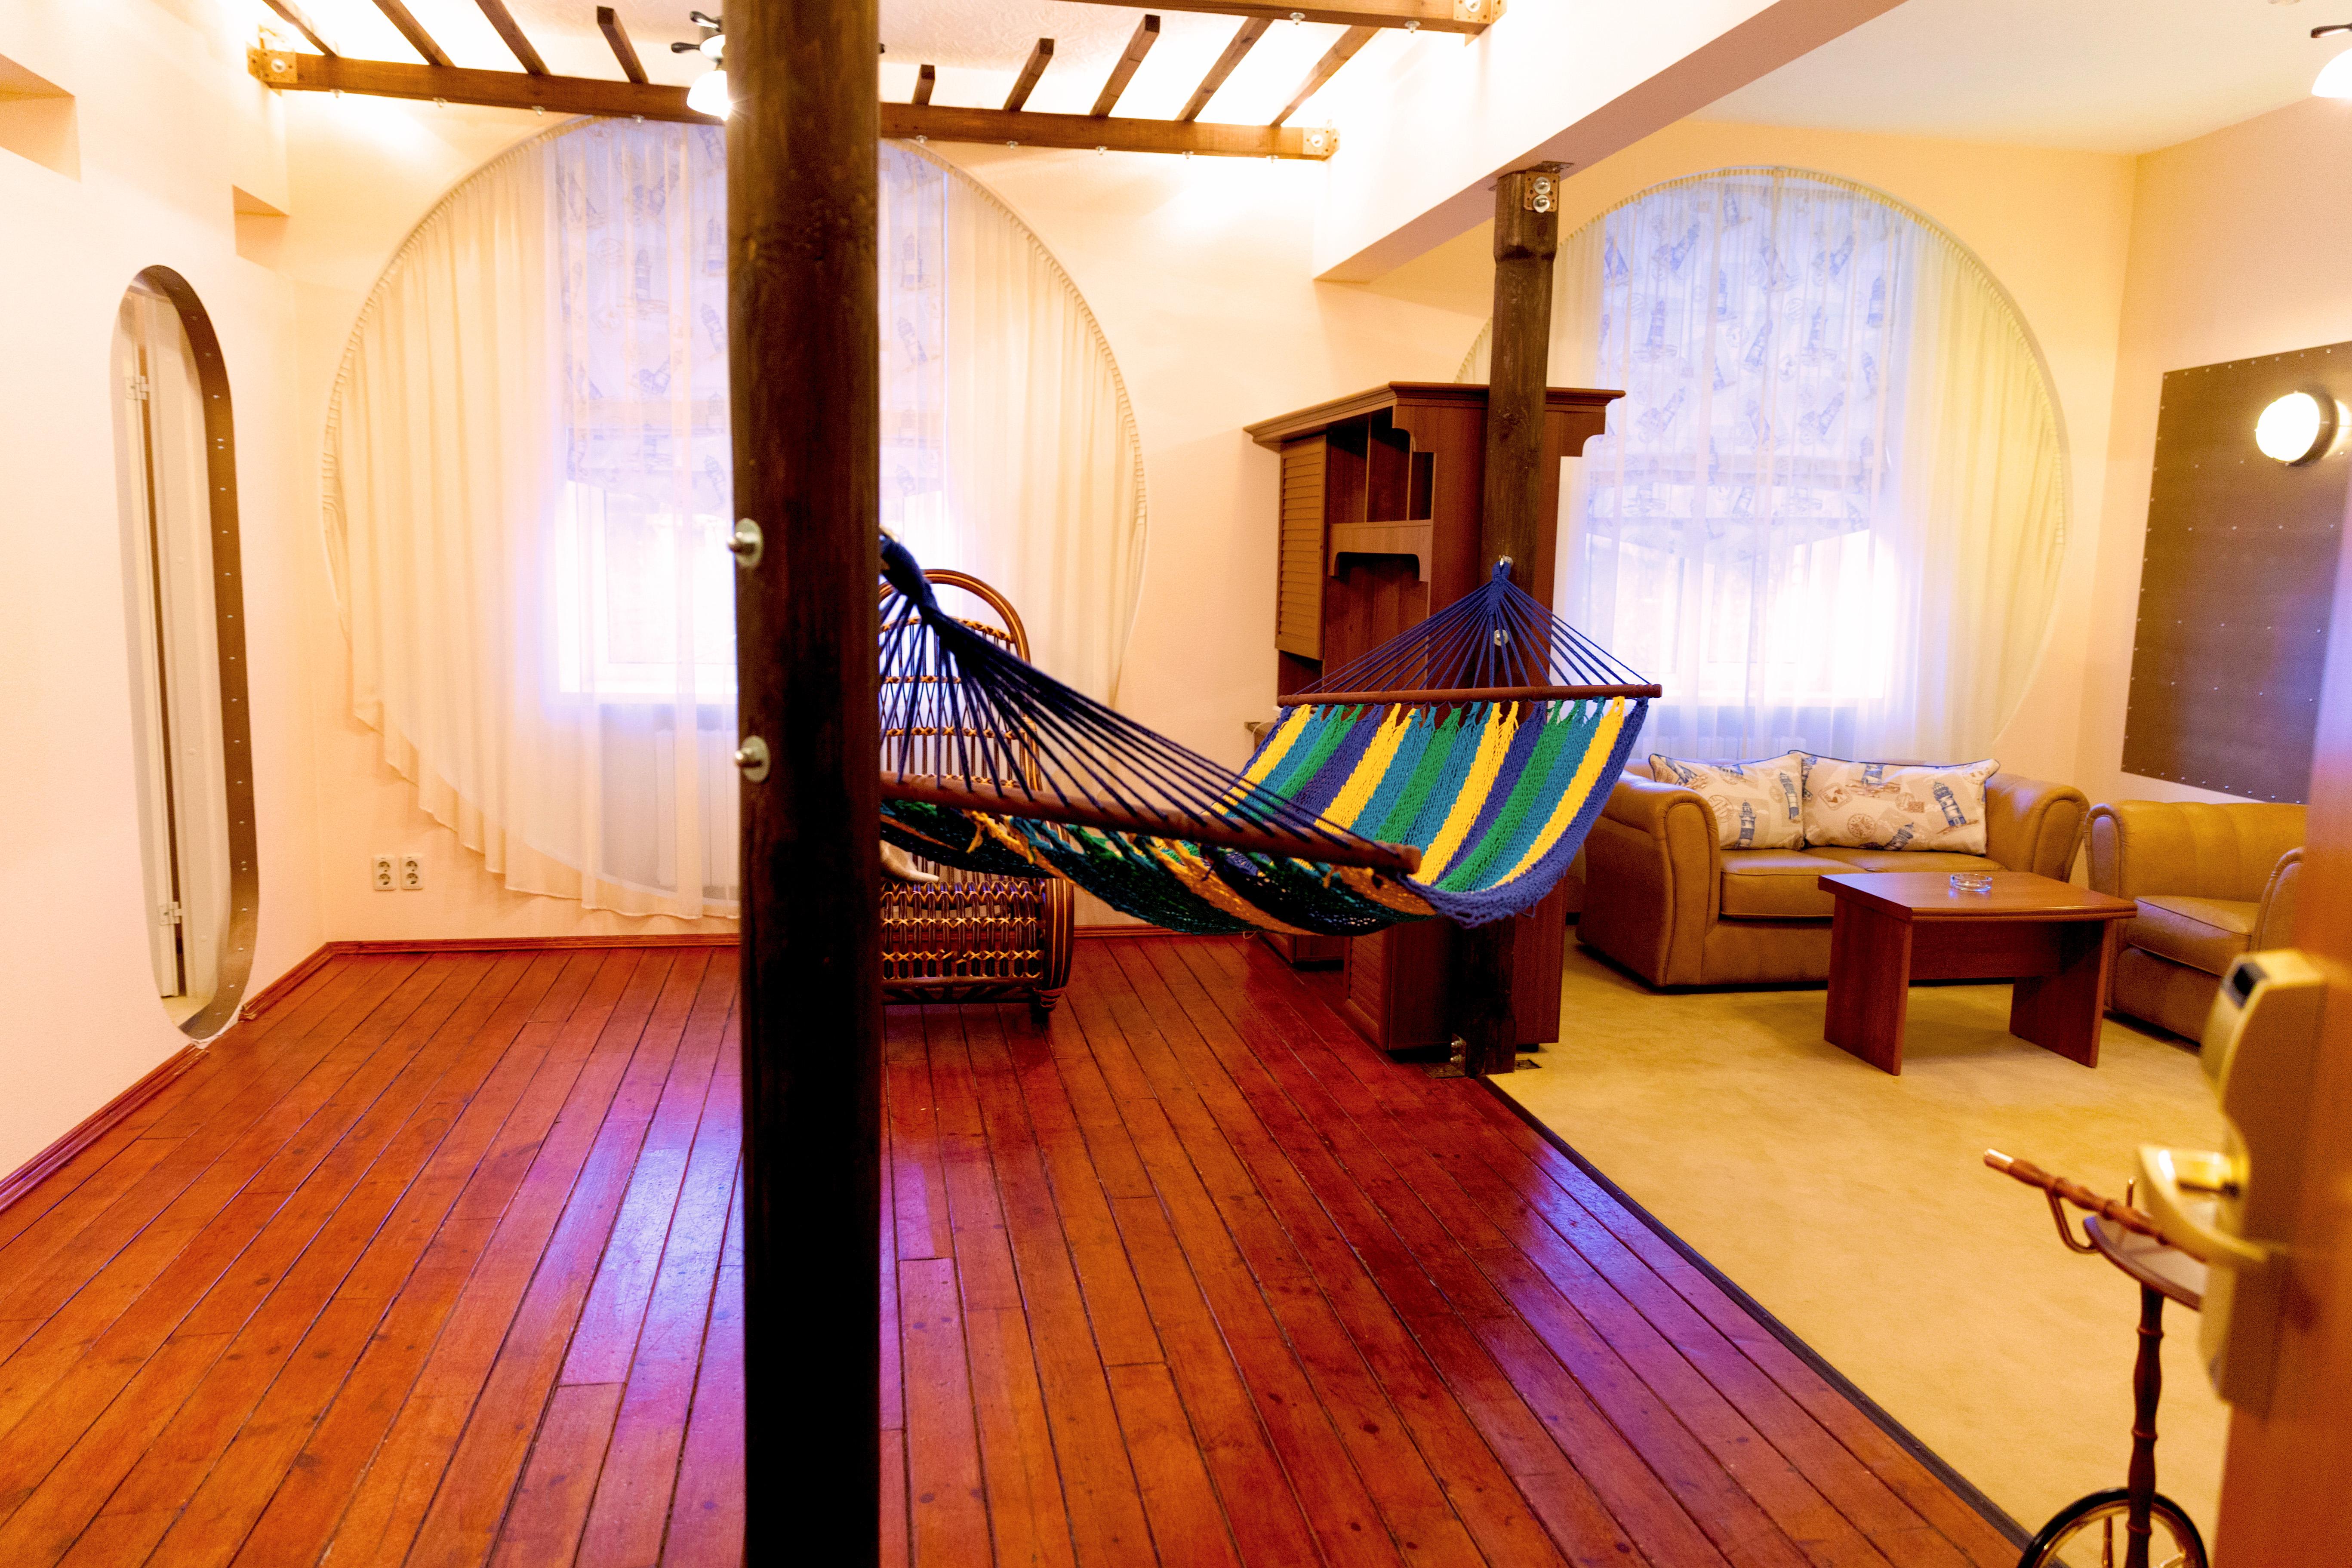 Презервативы luxe эксклюзив maxima сигара хуана 24 9 фотография